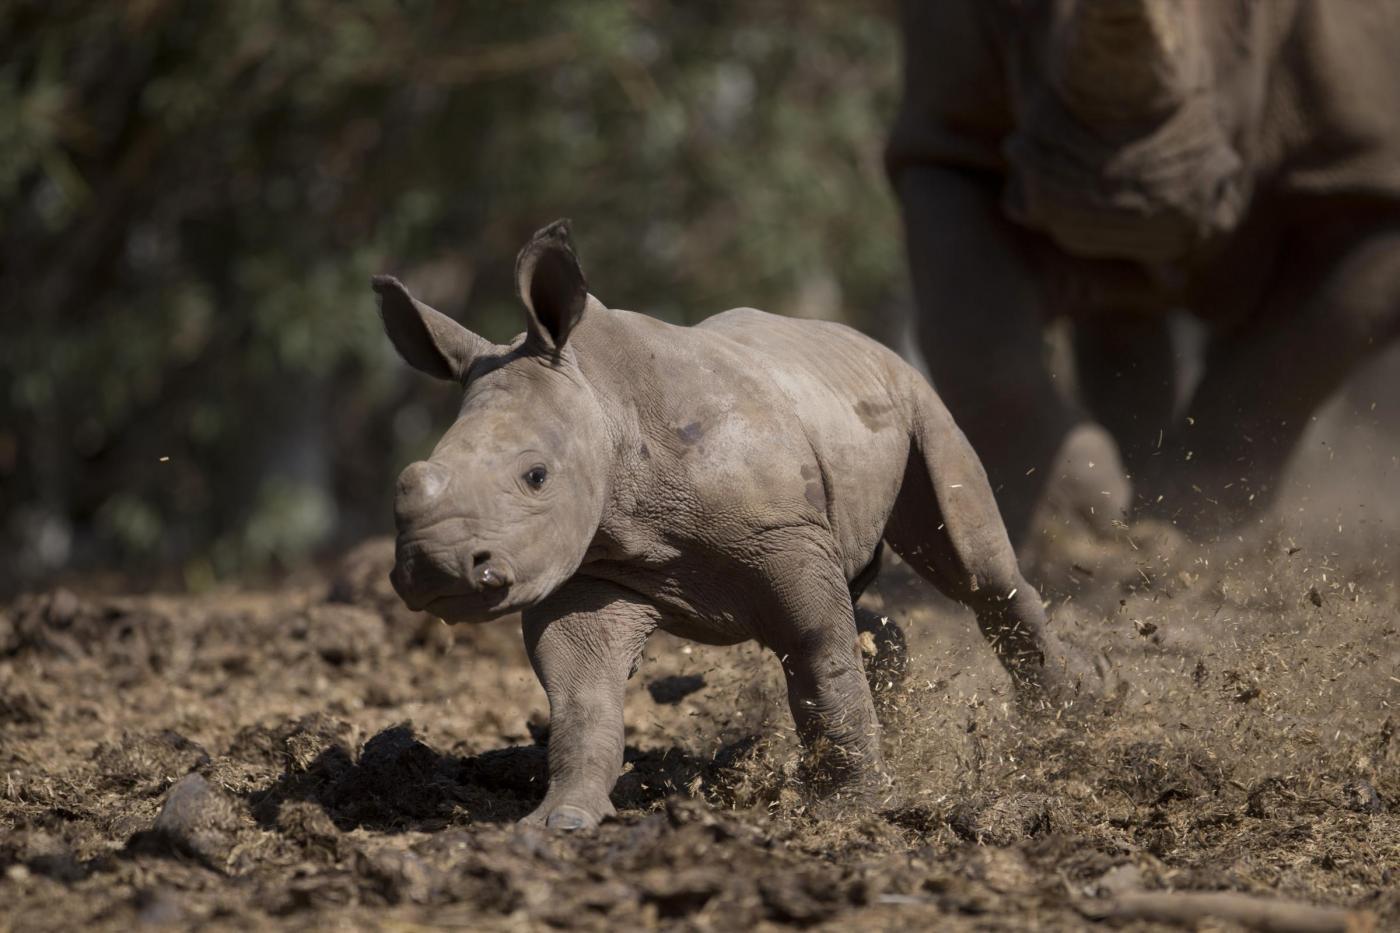 Israele, nel safari nasce un cucciolo di rinoceronte bianco FOTO03